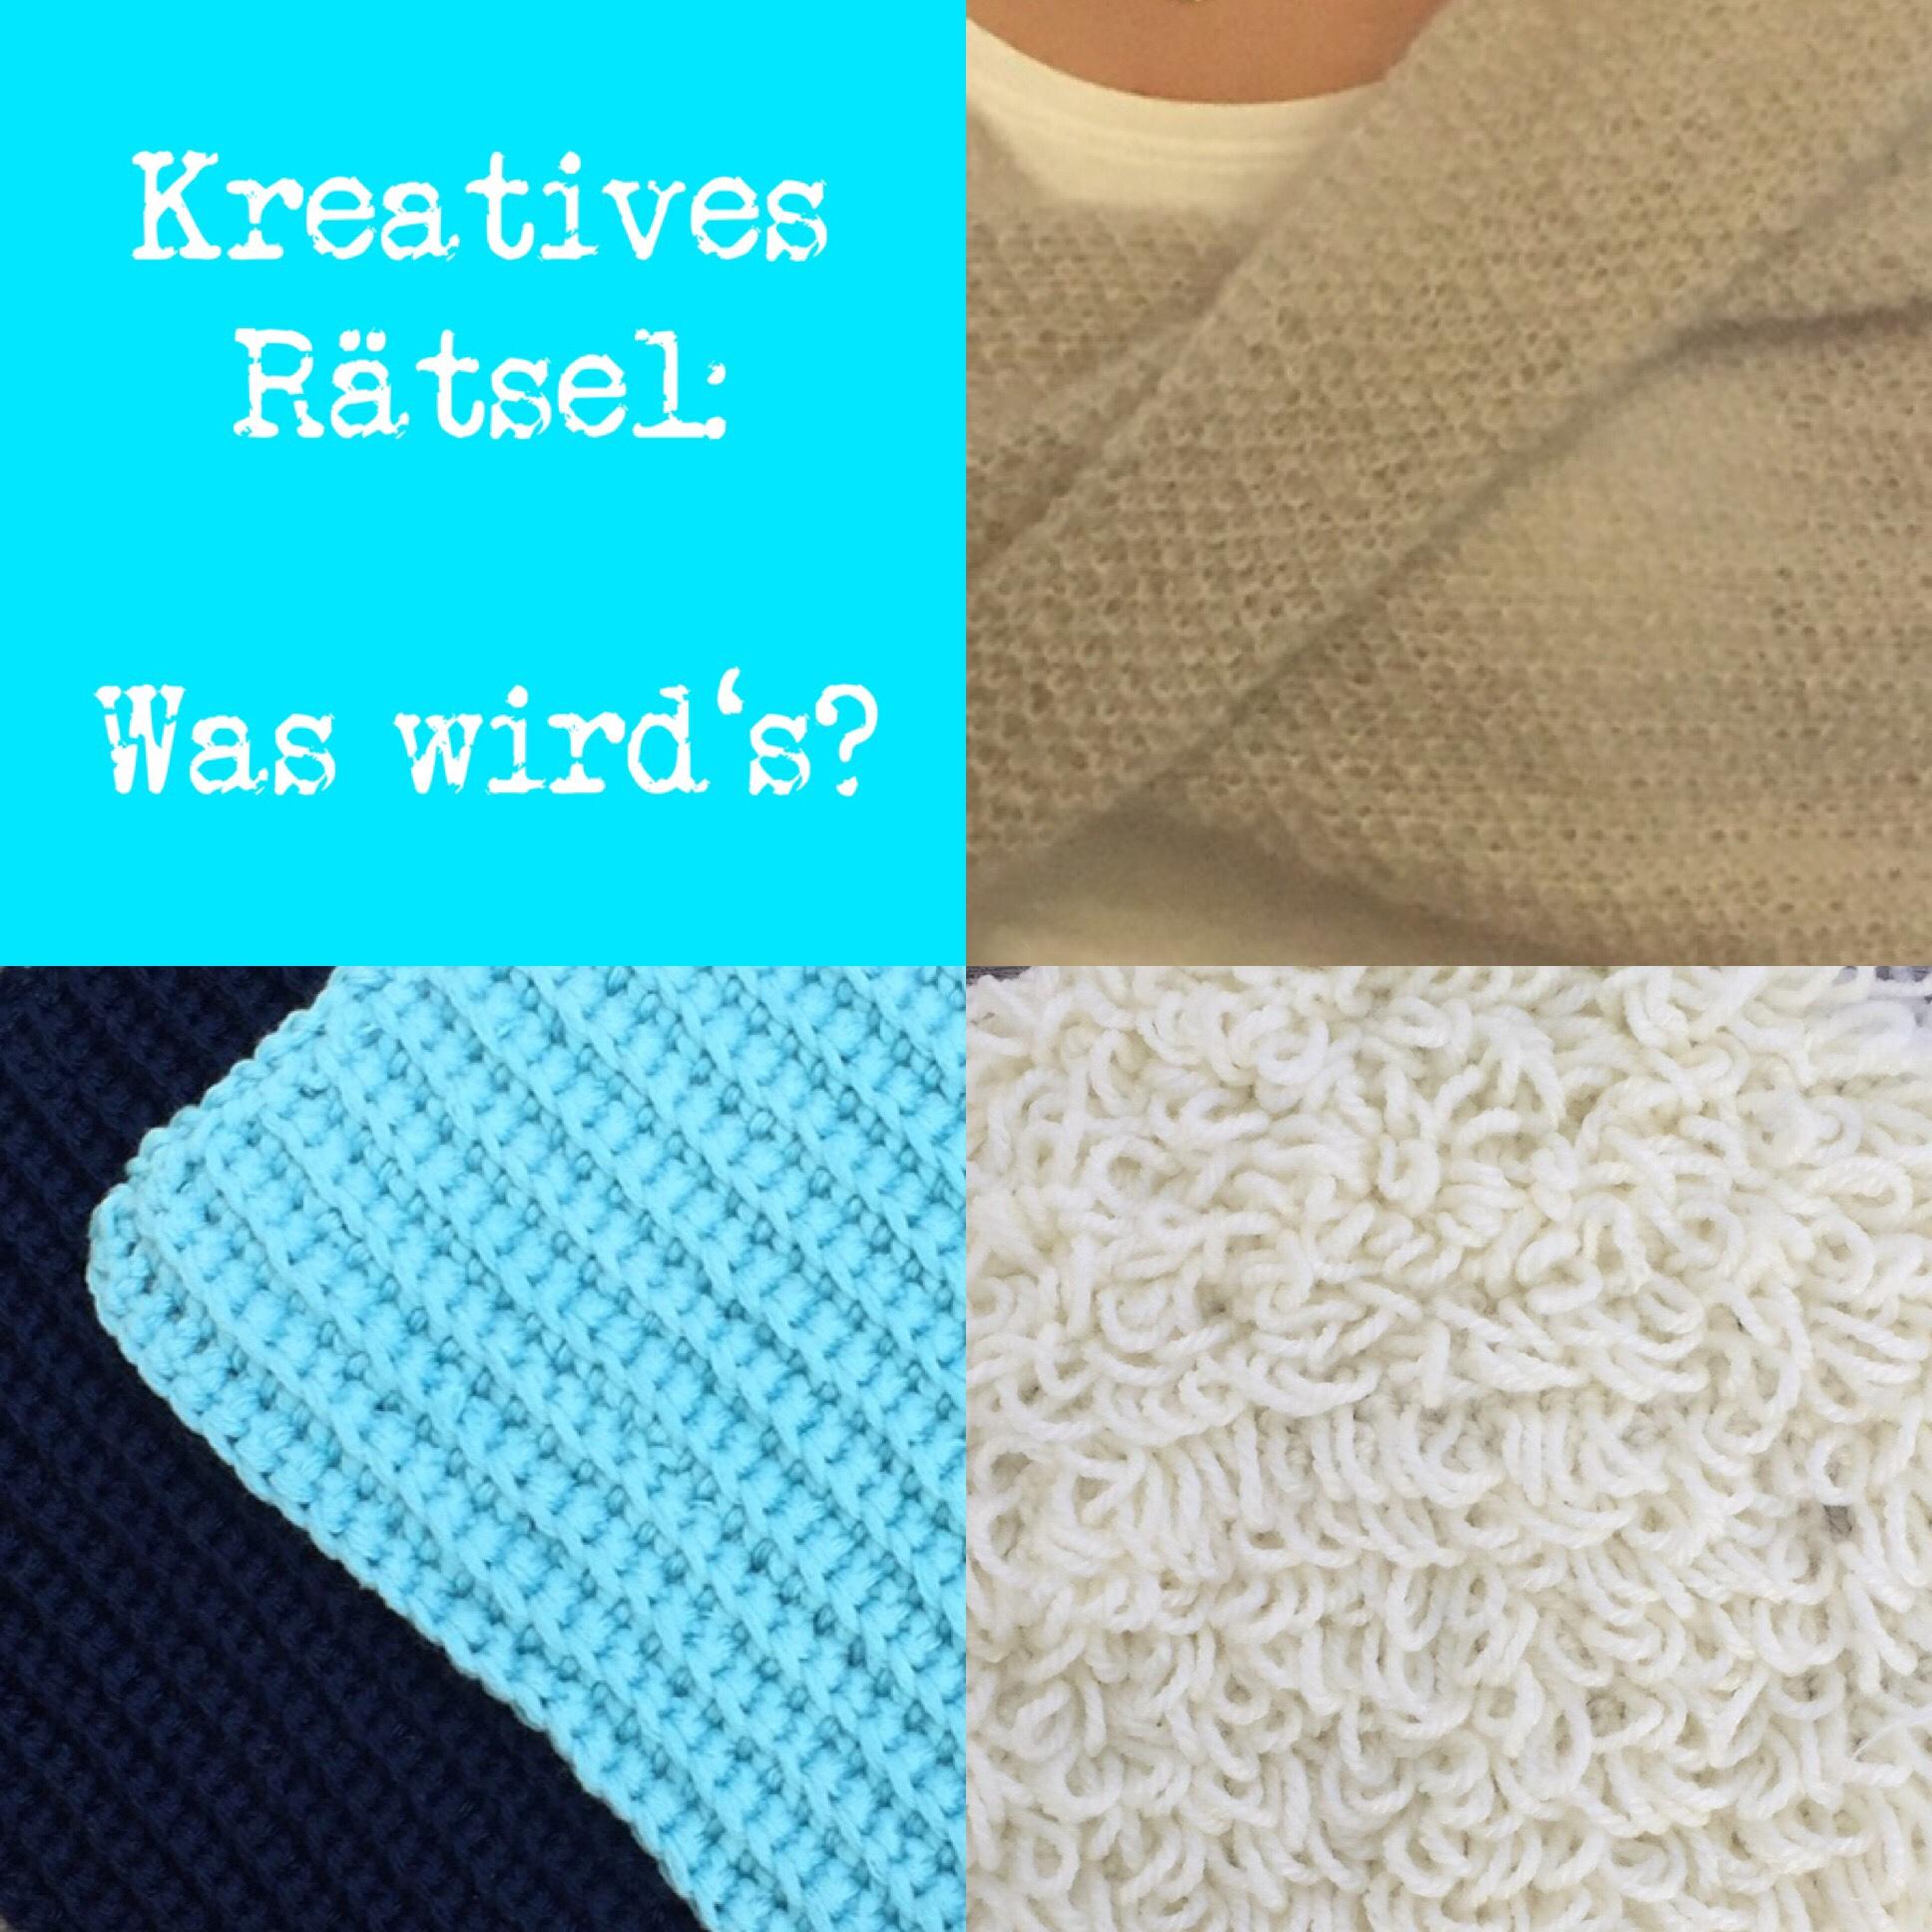 Kreatives Rätsel: Was wird's? – oder – Kleine DIY-Projekte